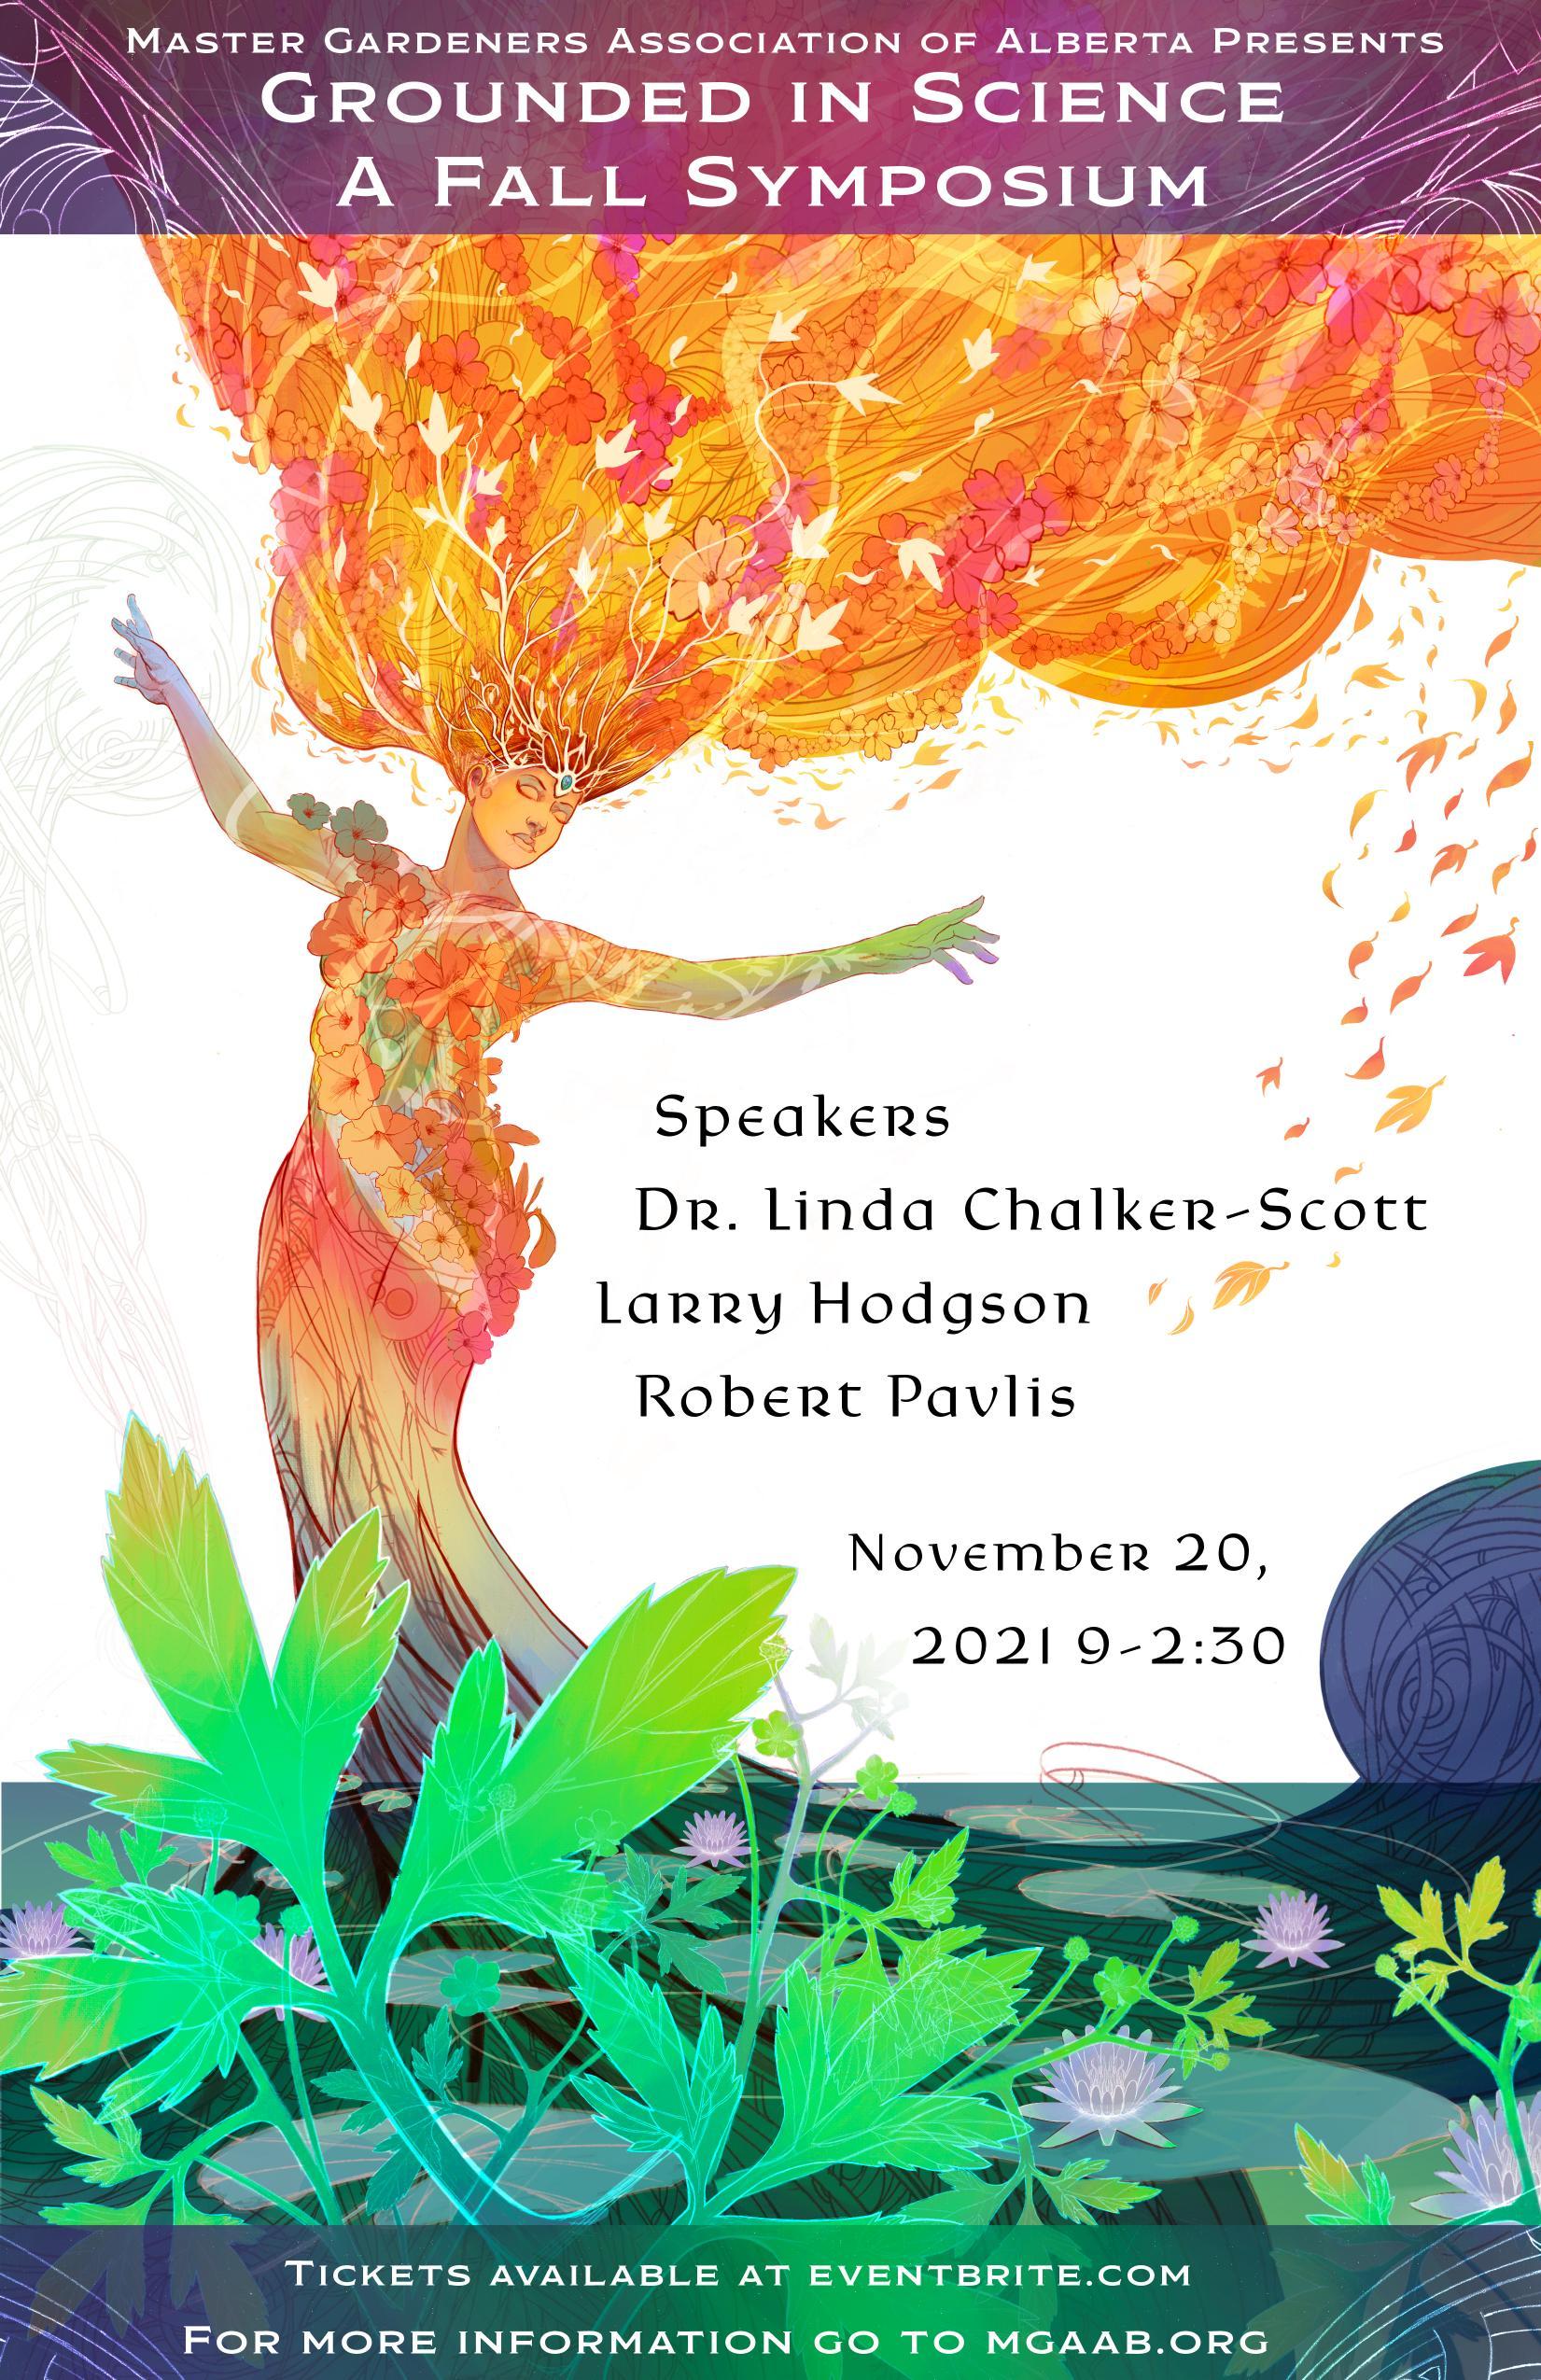 2021 MGAA Fall Symposium Poster